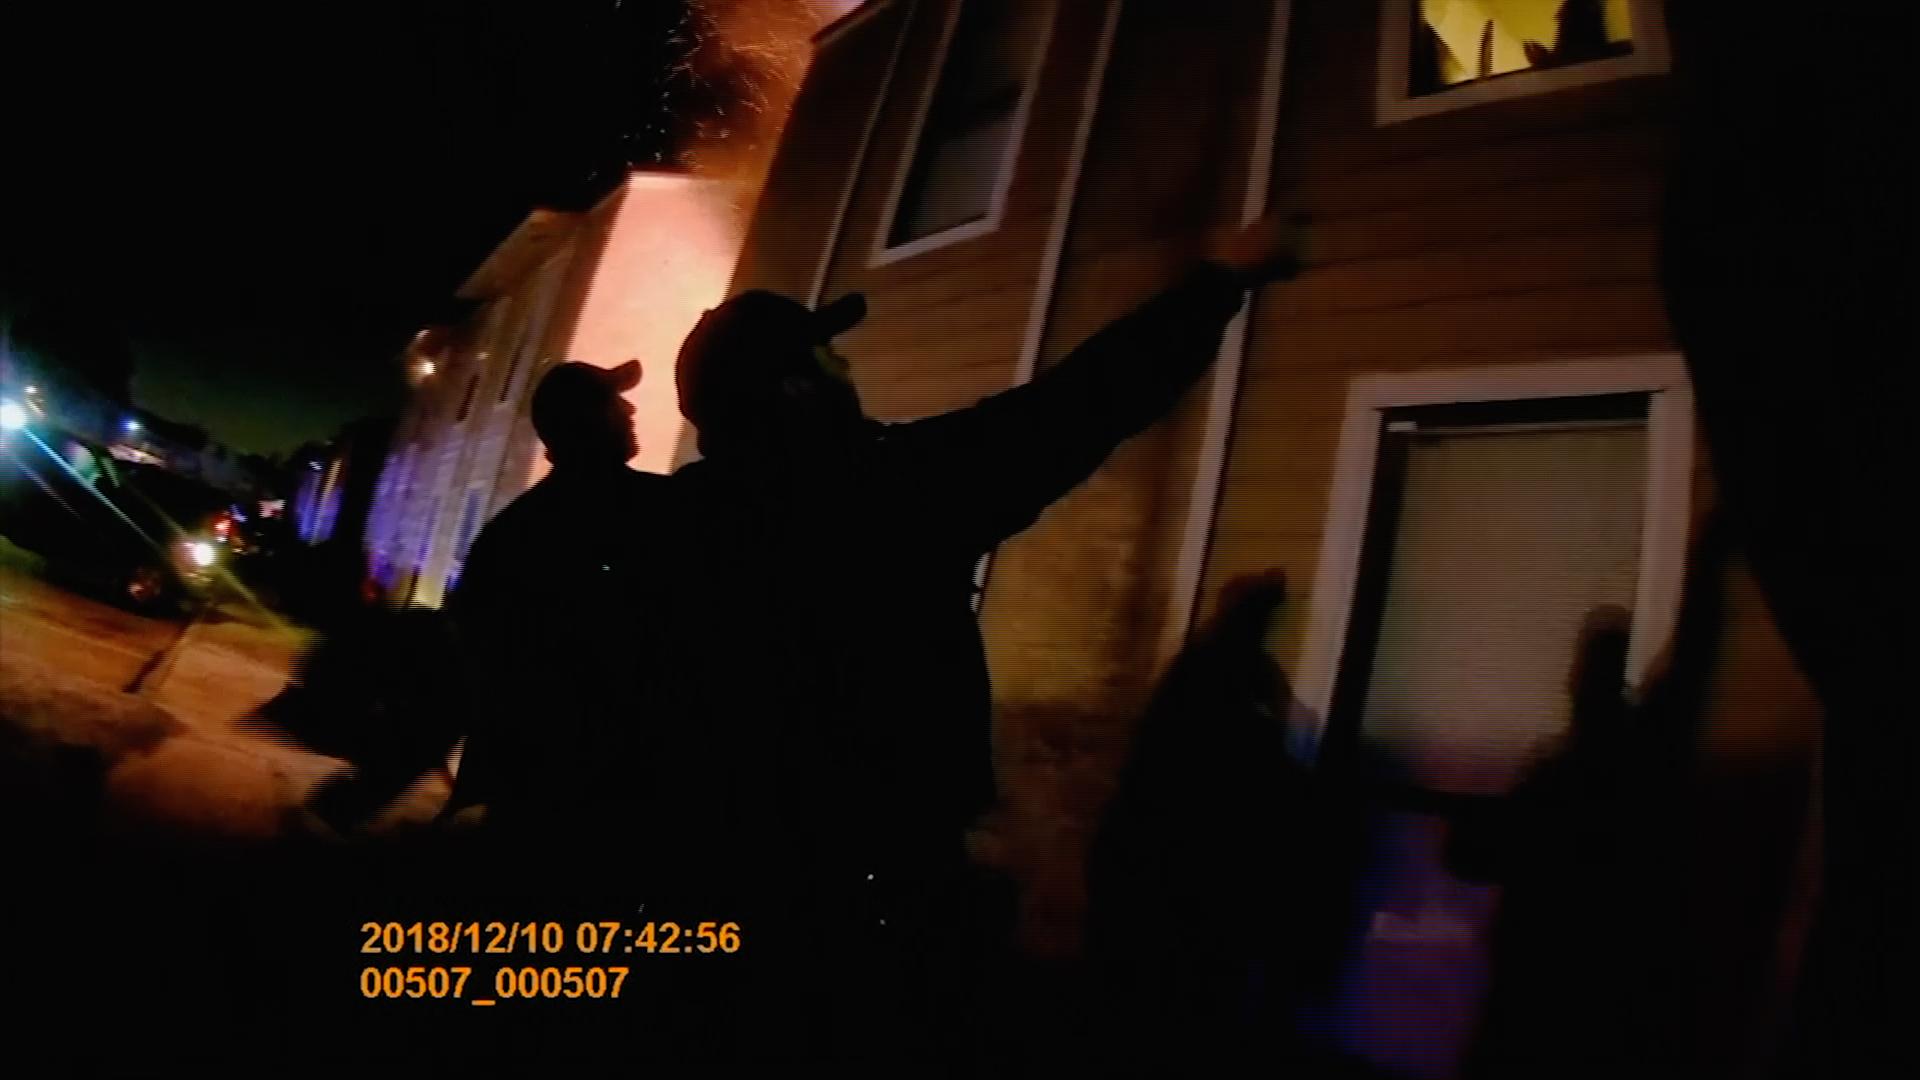 Plameny uvěznily malého chlapce vdomě, zachránil se skokem zokna do náručí policistů